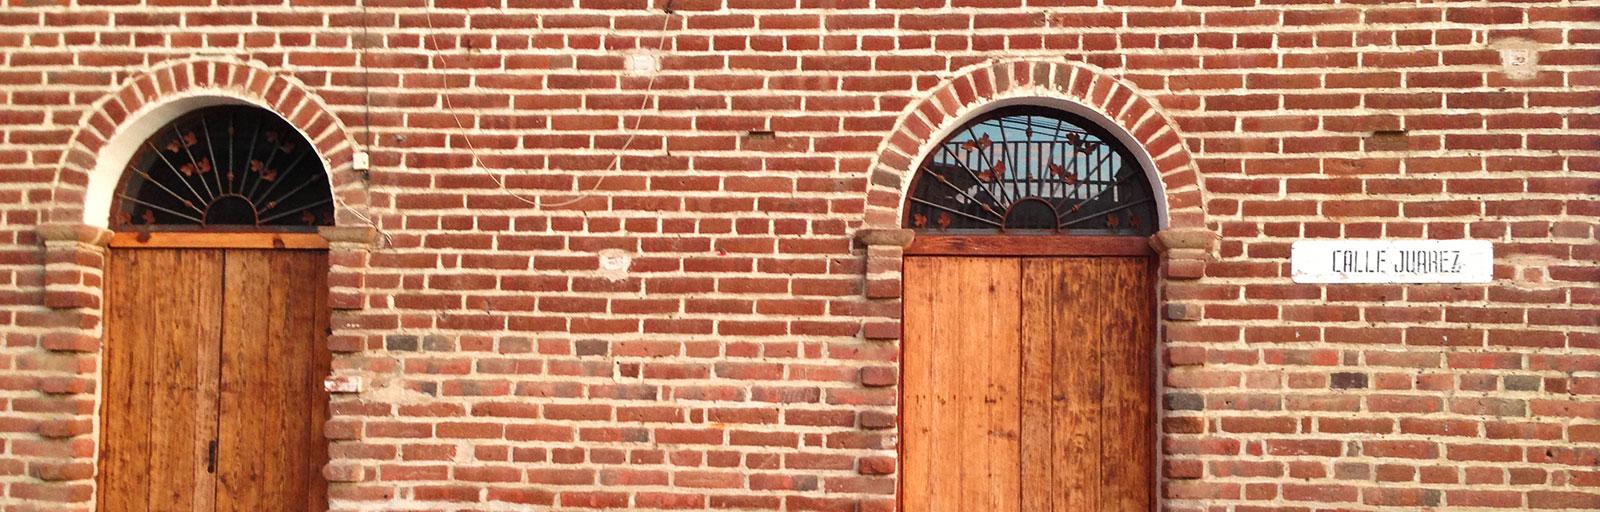 Cabo Yoga Retreats in Baja, Mexico: Todos Santos Doorway Arches